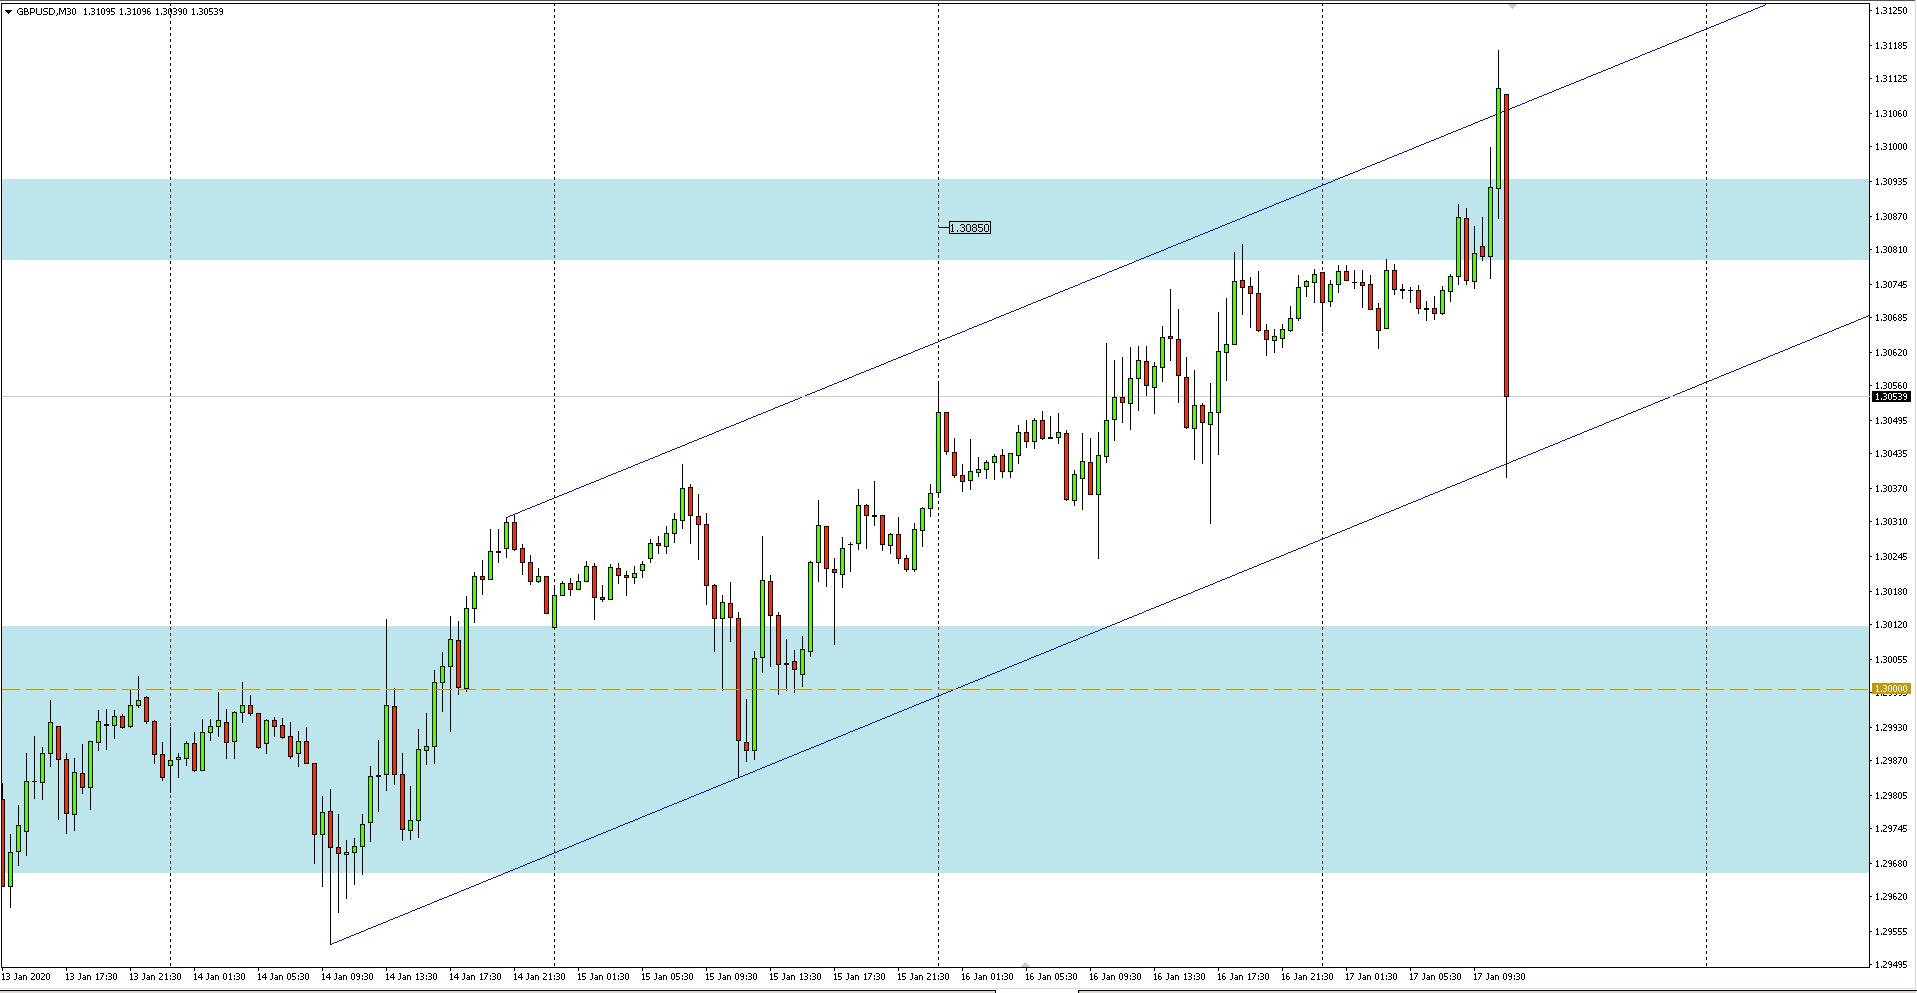 Wykres 30-minutowy pary walutowej GBPUSD - 17.01.2020 r.